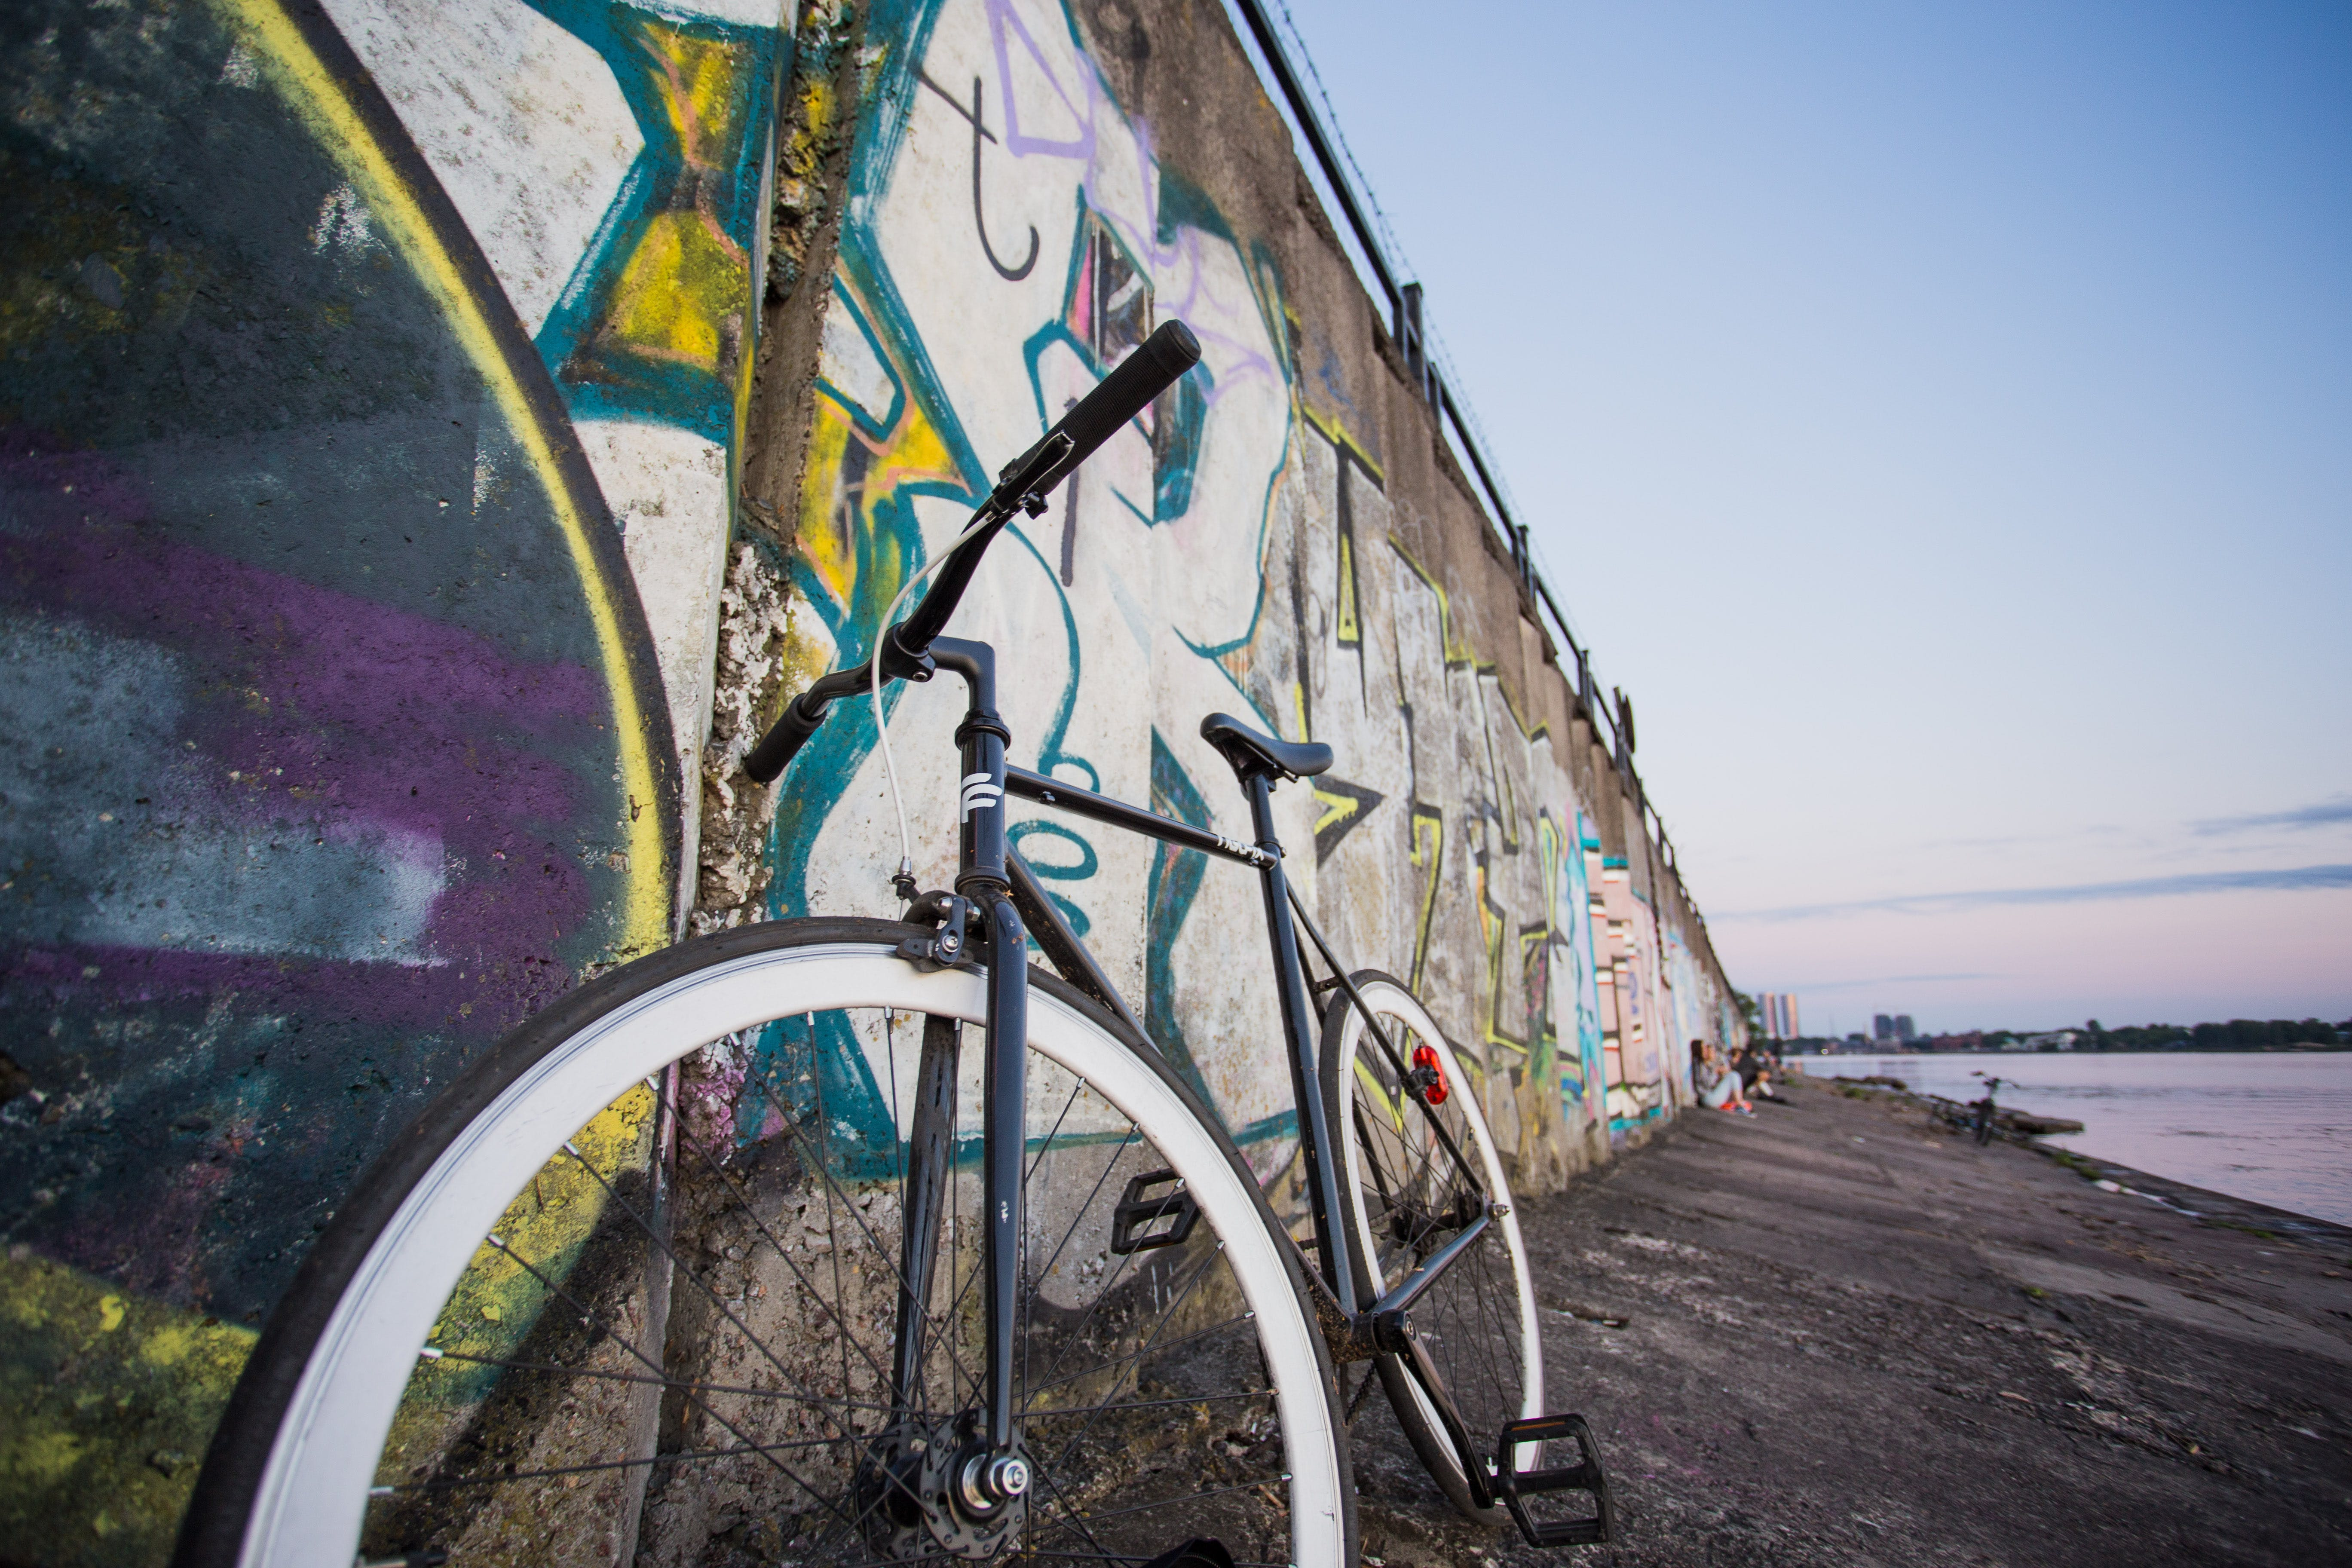 거리, 경치, 교통체계, 그래피티의 무료 스톡 사진